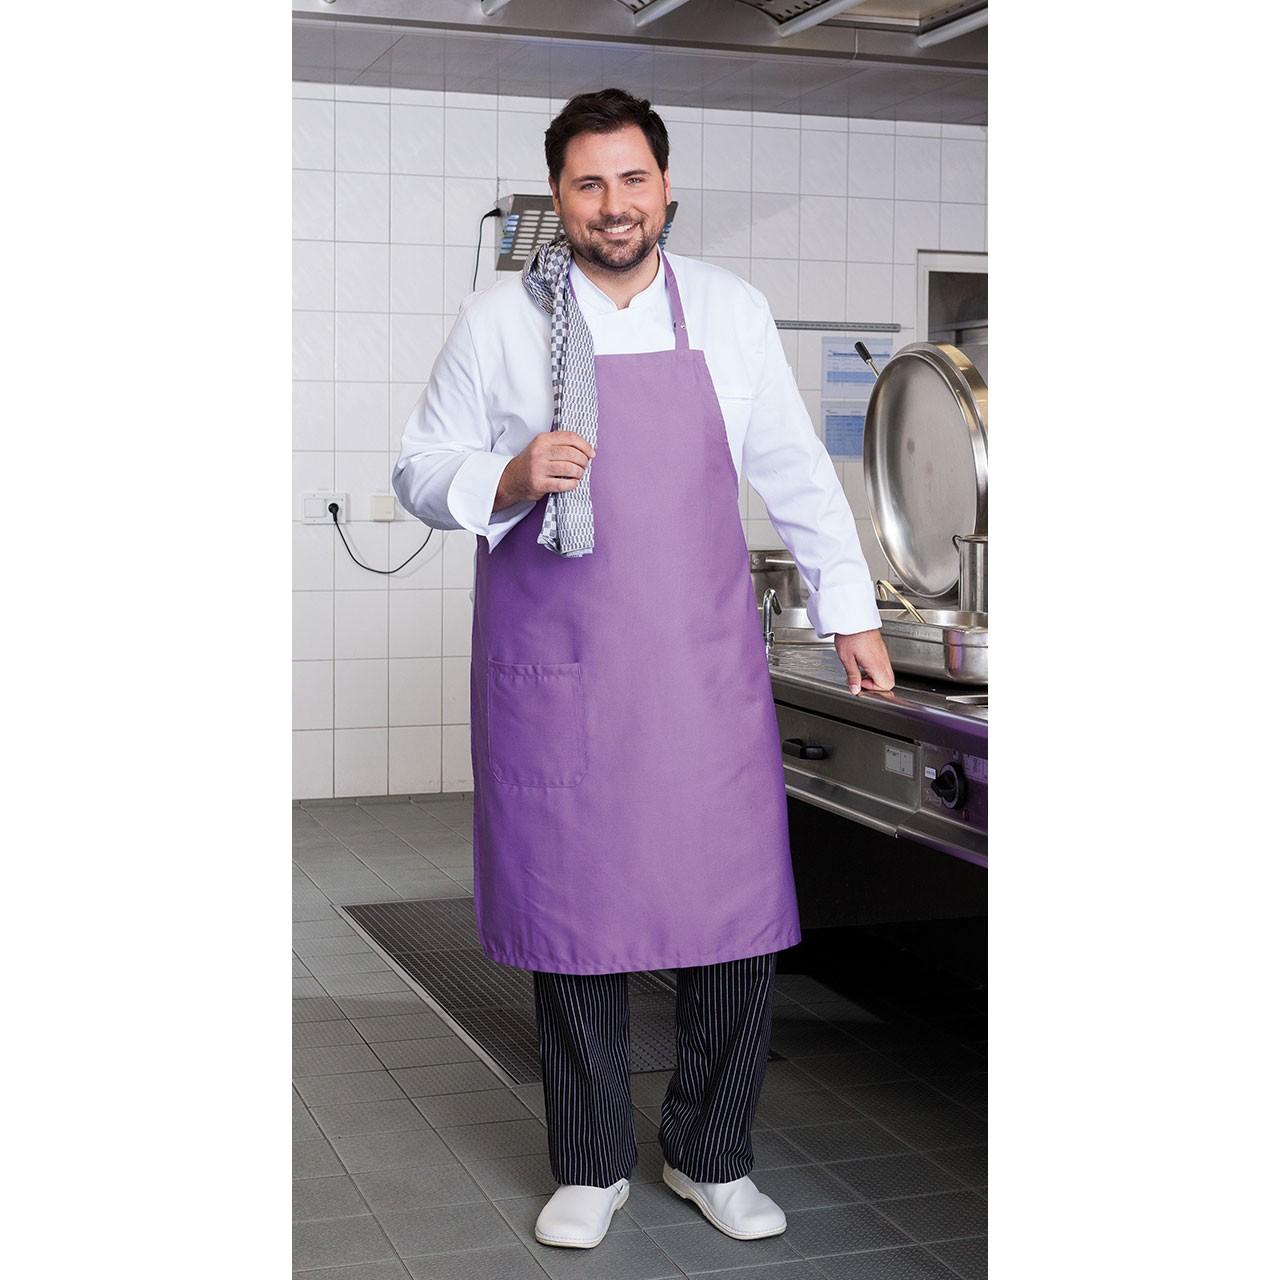 Latzschürze Cuisine Extrabreit Exner® | bedrucken, besticken, bedrucken lassen, besticken lassen, mit Logo |